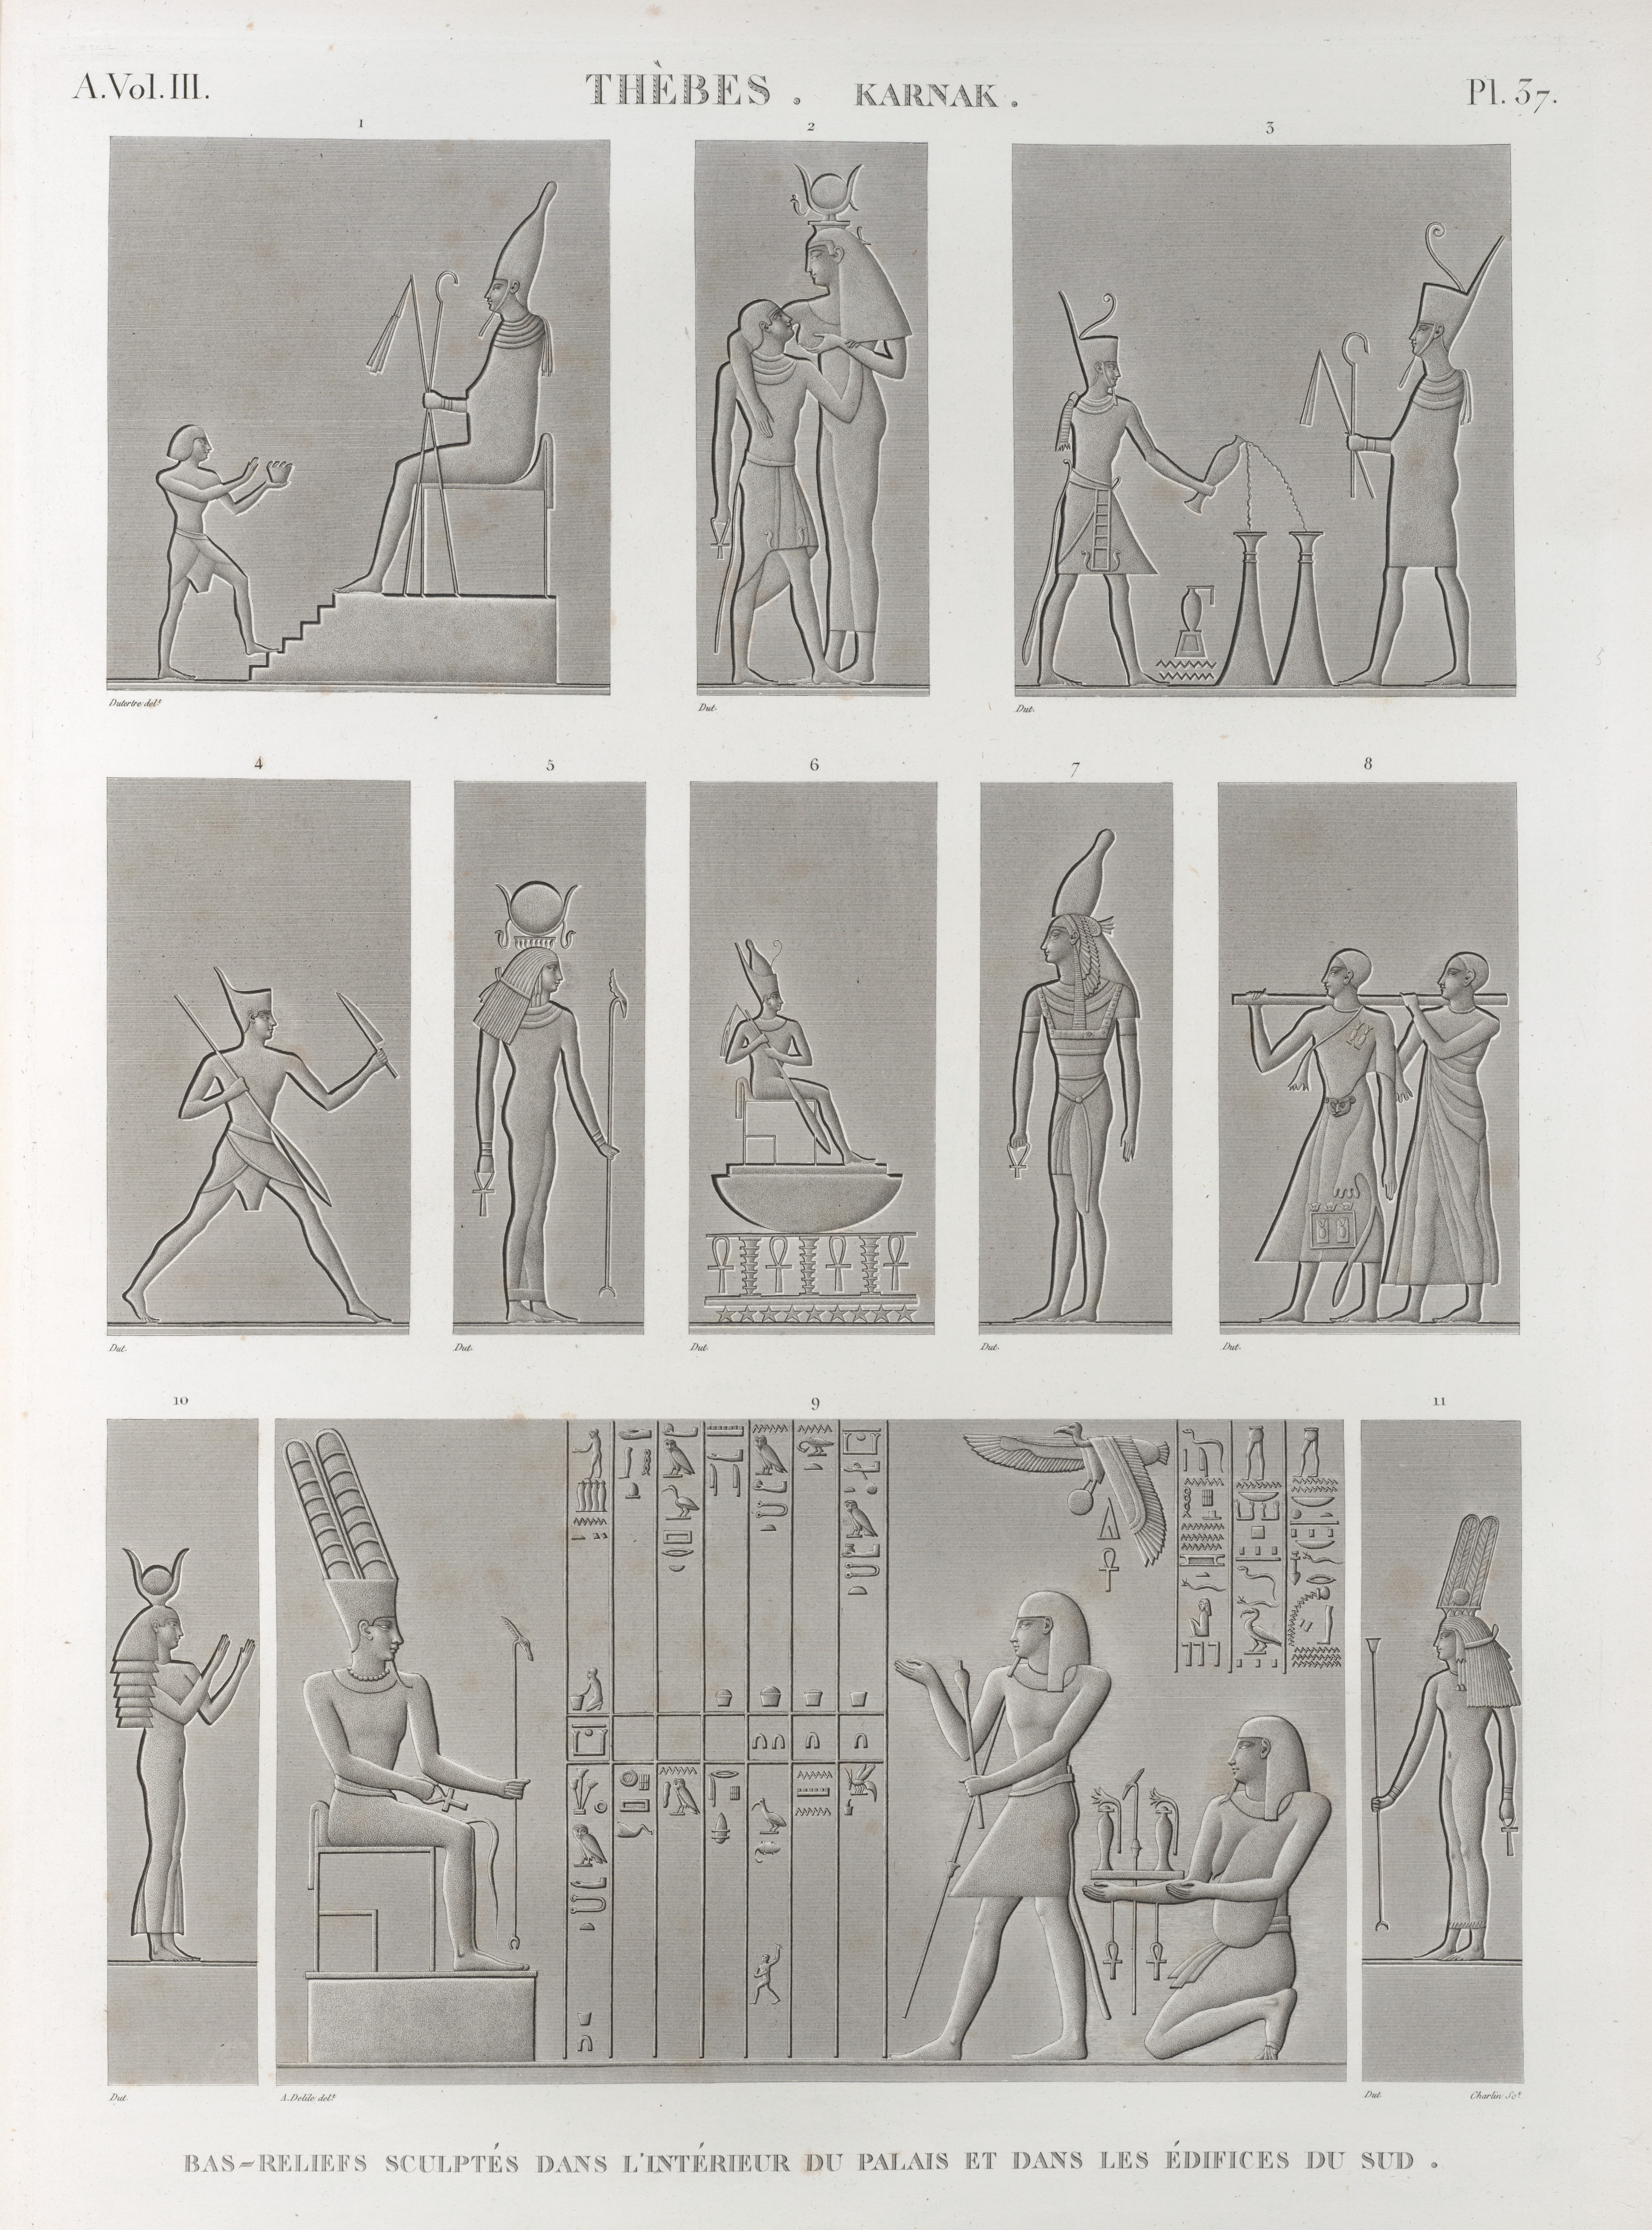 https://upload.wikimedia.org/wikipedia/commons/e/e8/Th%C3%A8bes._Karnak._Divers_bas-reliefs_sculpt%C3%A9s_dans_l%27int%C3%A9rieur_du_palais_et_dans_les_%C3%A9difices_du_sud_%28NYPL_b14212718-1268060%29.jpg